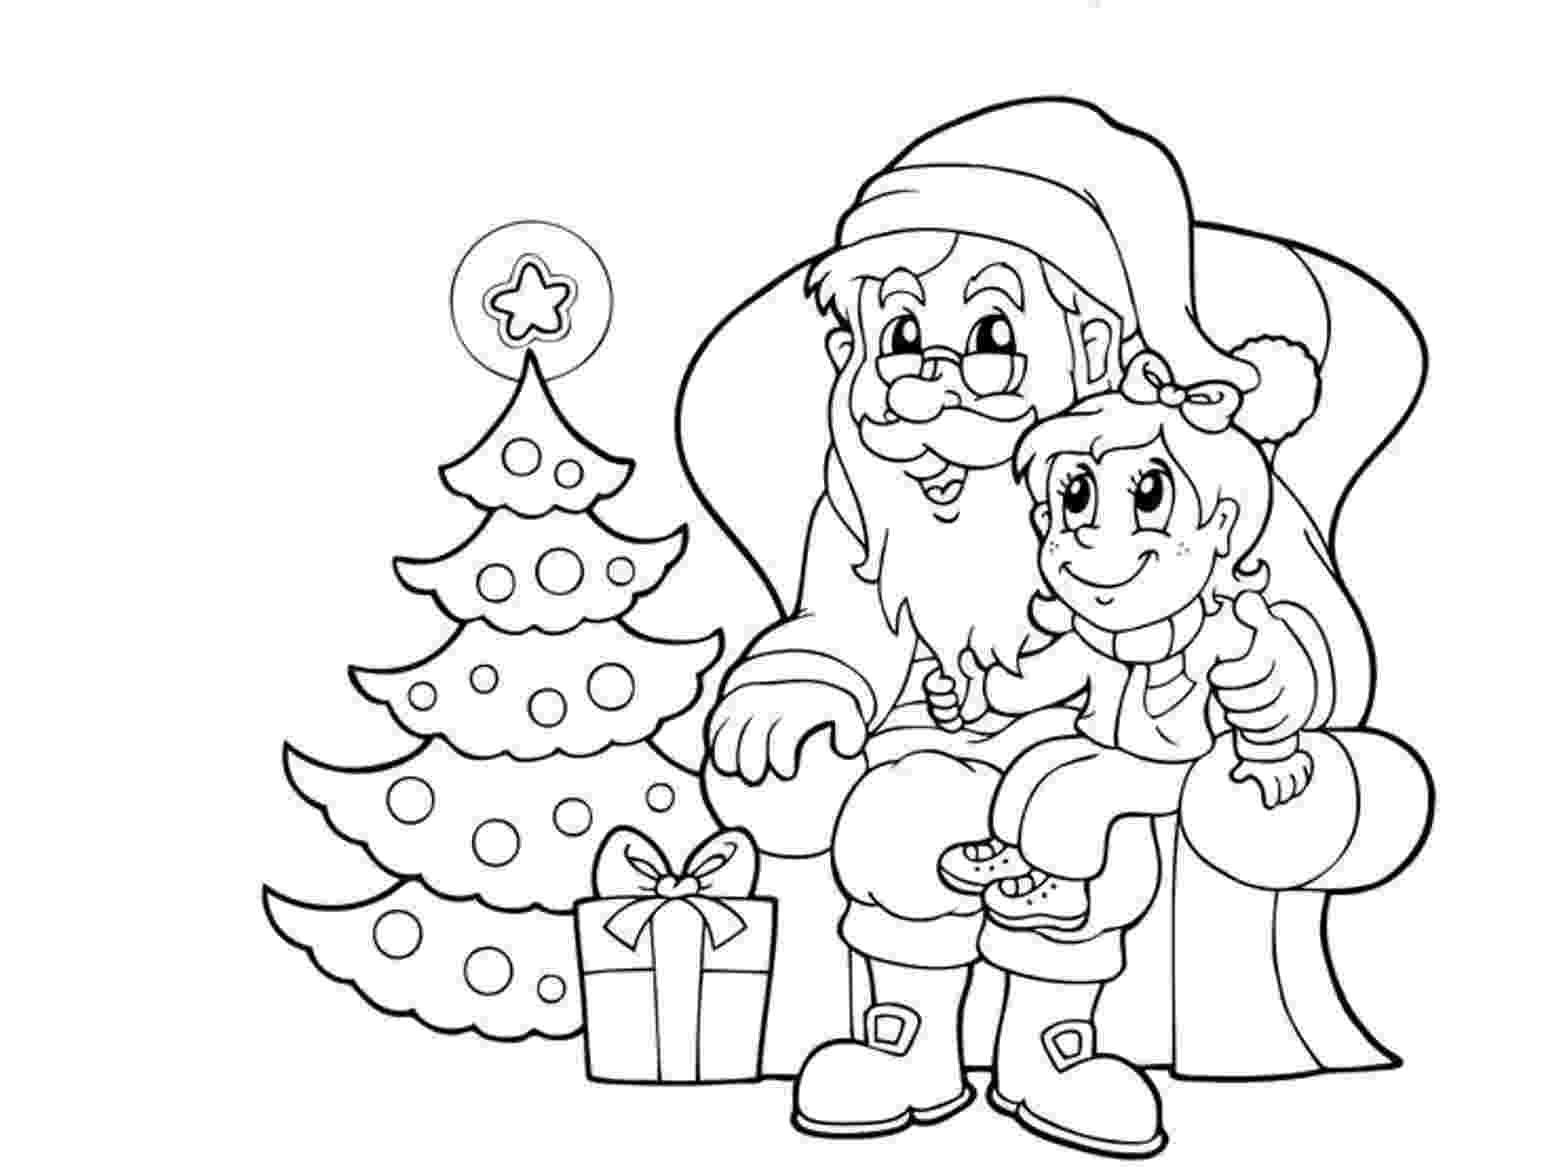 santa claus color santa claus coloring pages pictures images photos color santa claus